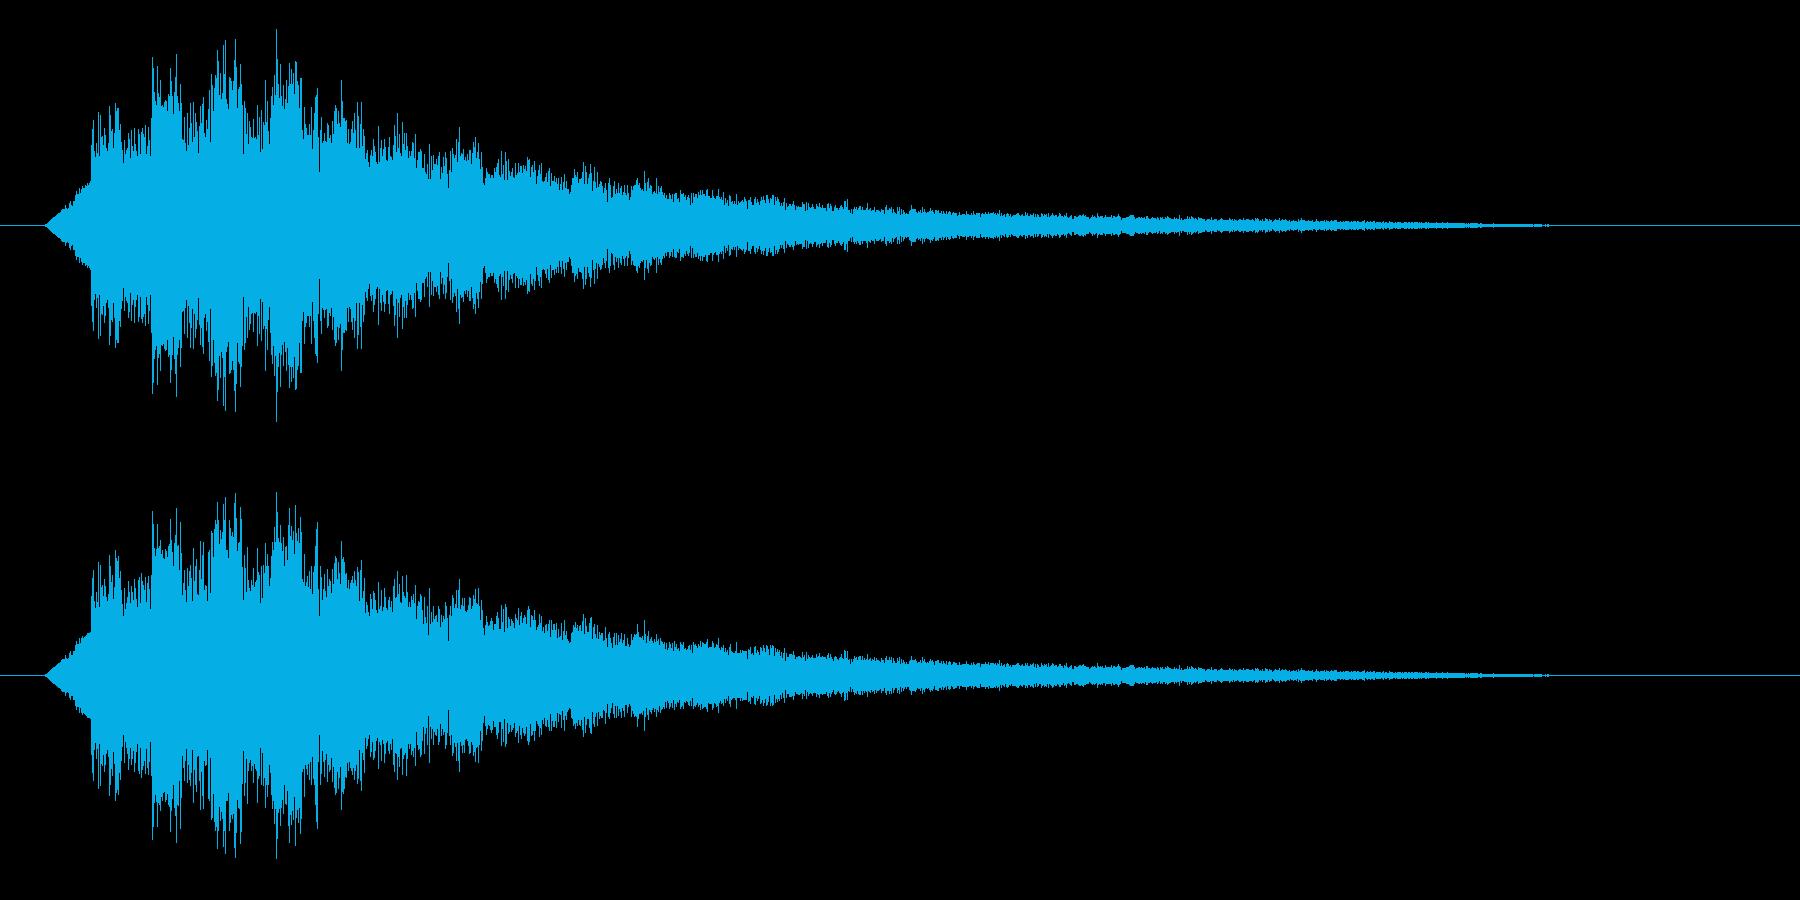 キラキラ/セーブ/回復の再生済みの波形